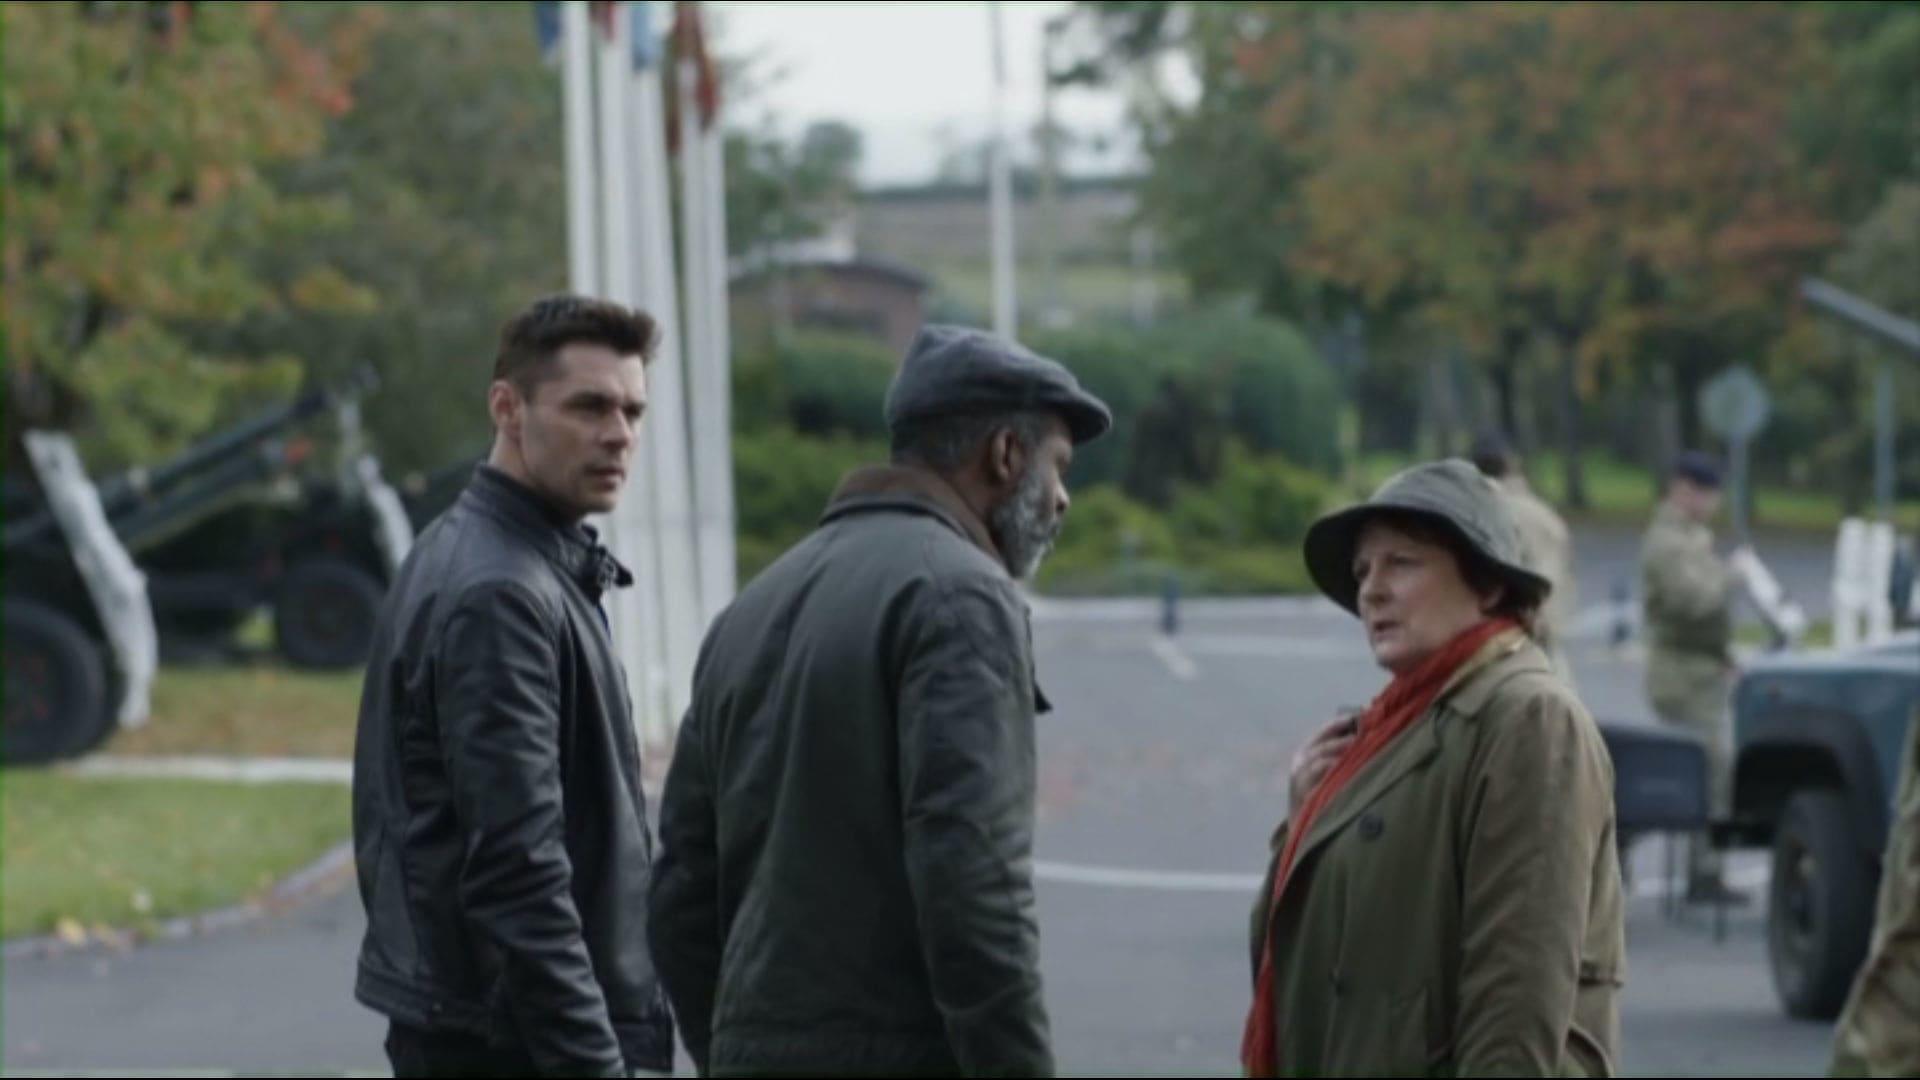 Vera (S08E04): Darkwater Summary - Season 8 Episode 4 Guide